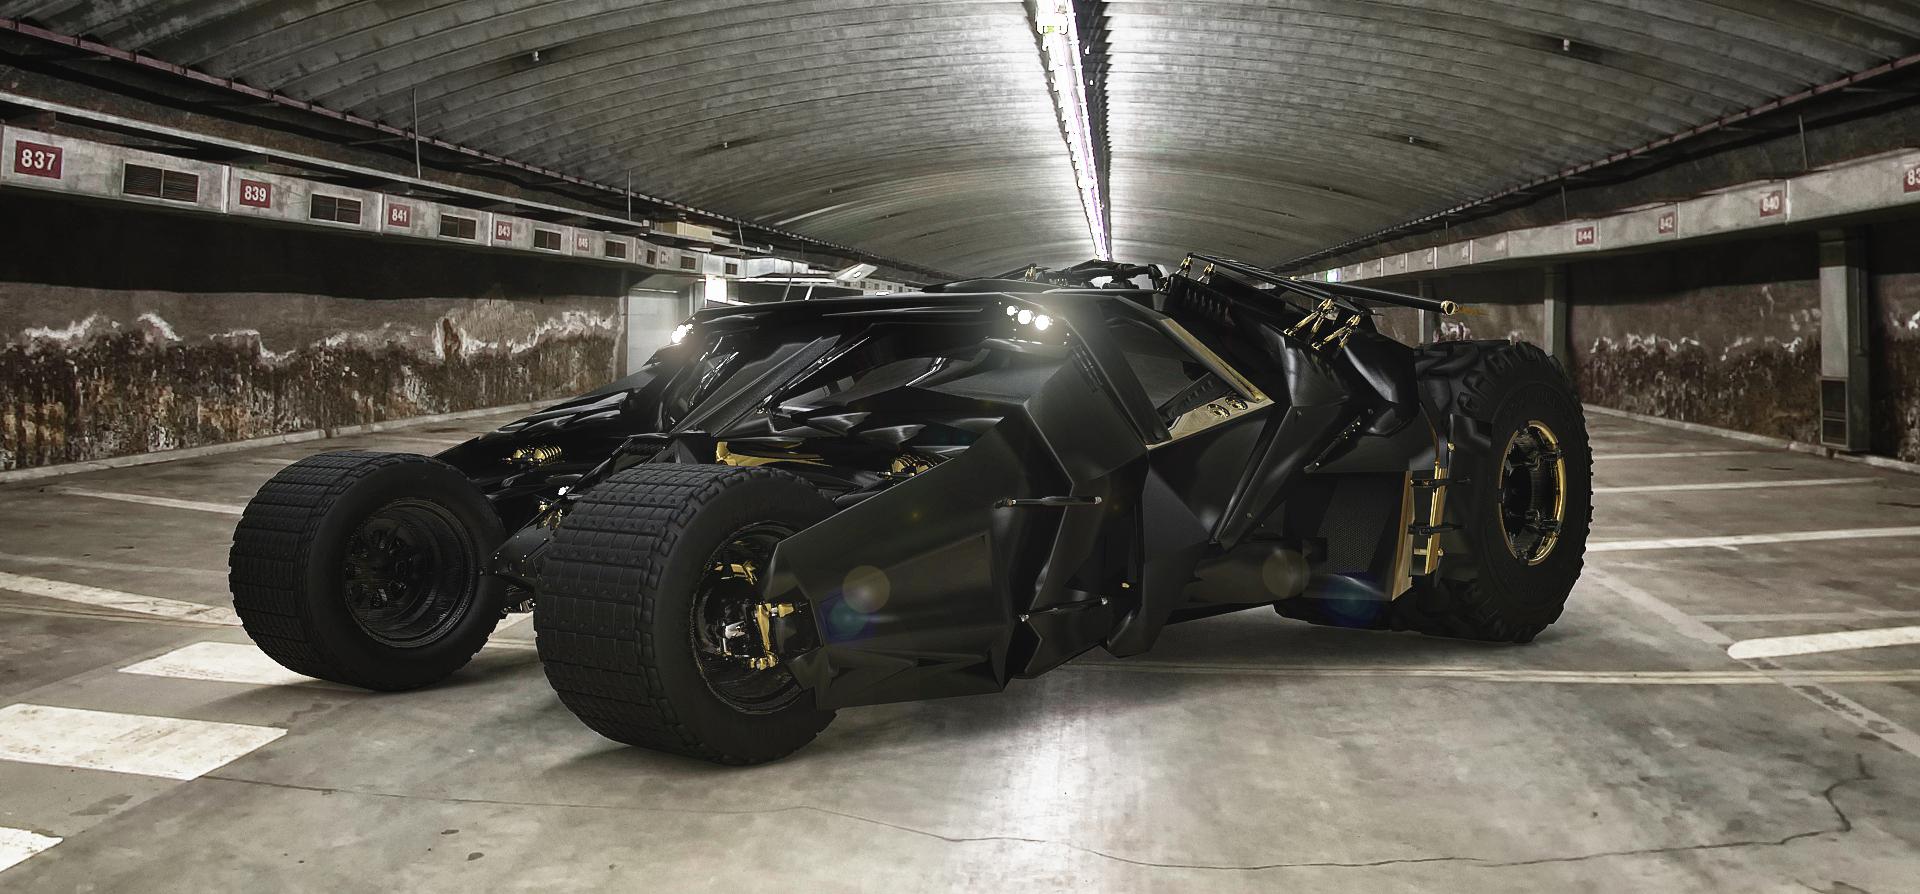 Scooped: New Batmobile Tumbler from The Dark Knight Rises Filmed ...